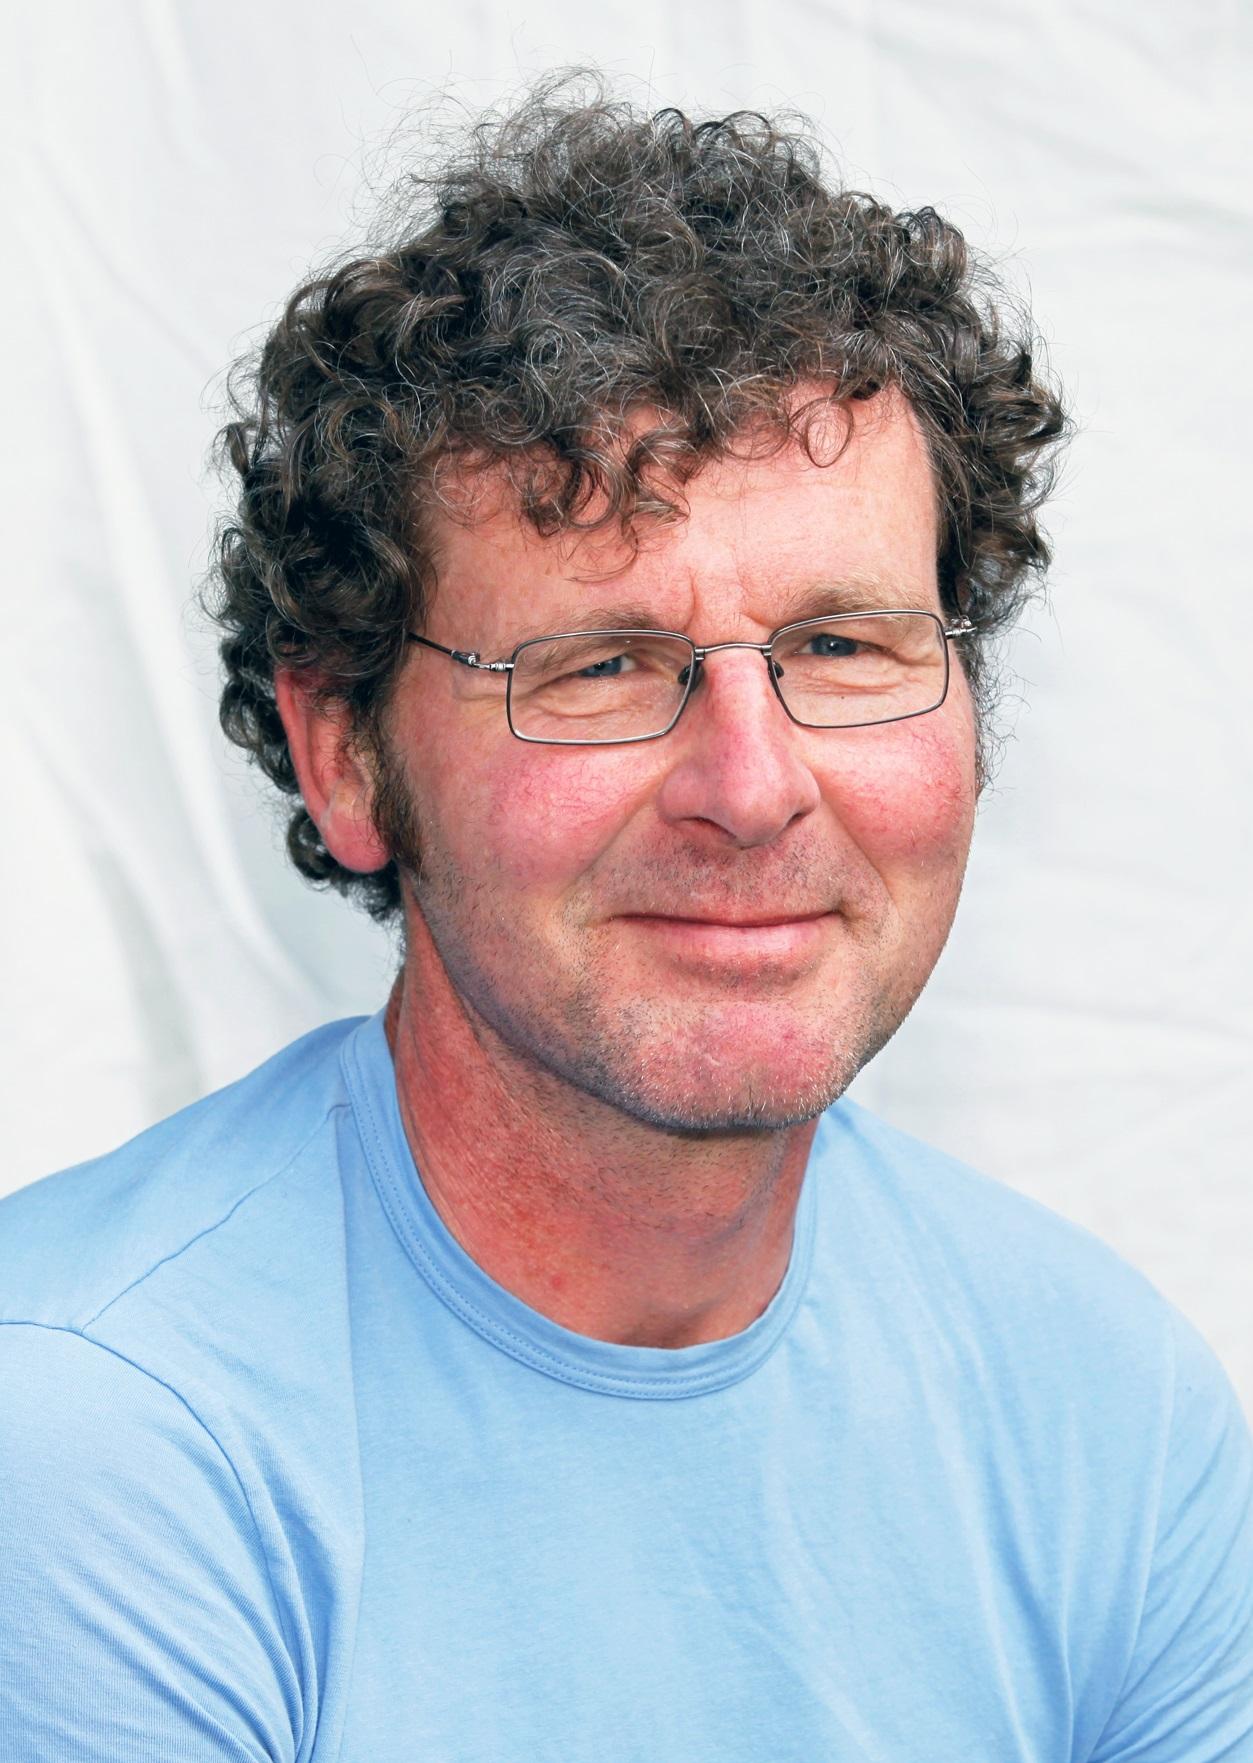 Herman Rohaert